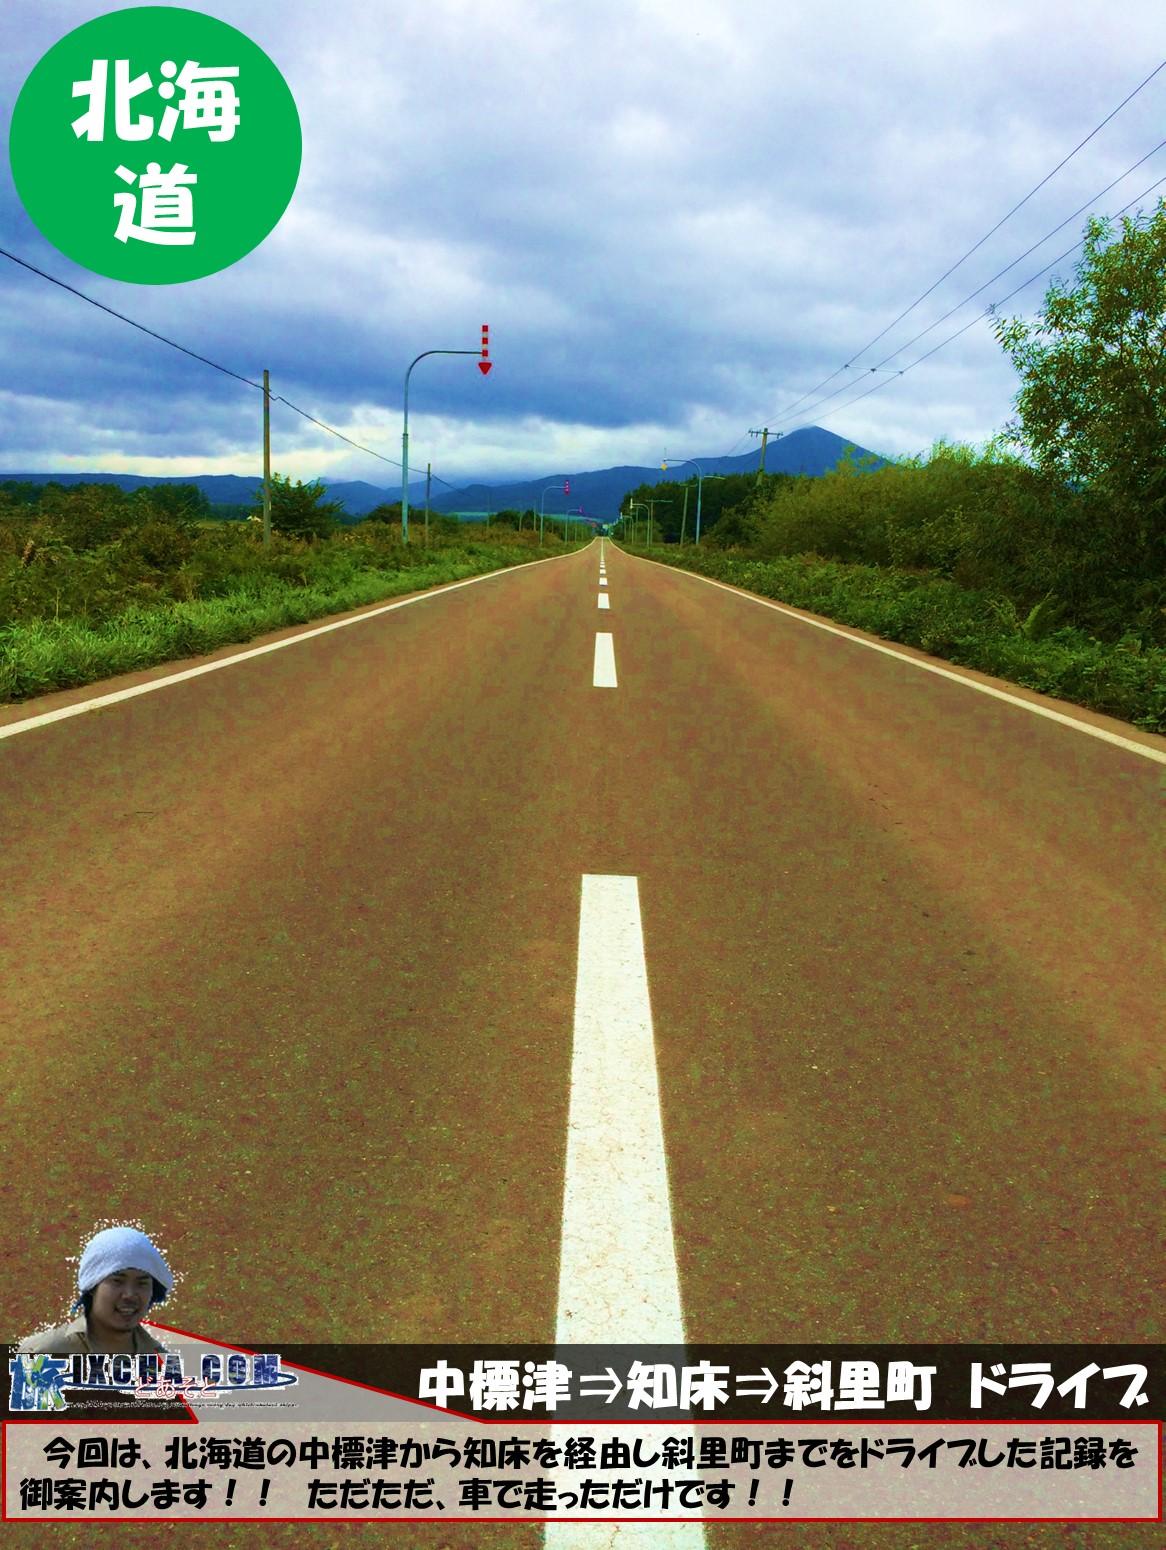 北海道 中標津⇒知床⇒斜里町 ドライブ 今回は、北海道の中標津から知床を経由し斜里町までをドライブした記録を御案内します!! ただただ、車で走っただけです!!